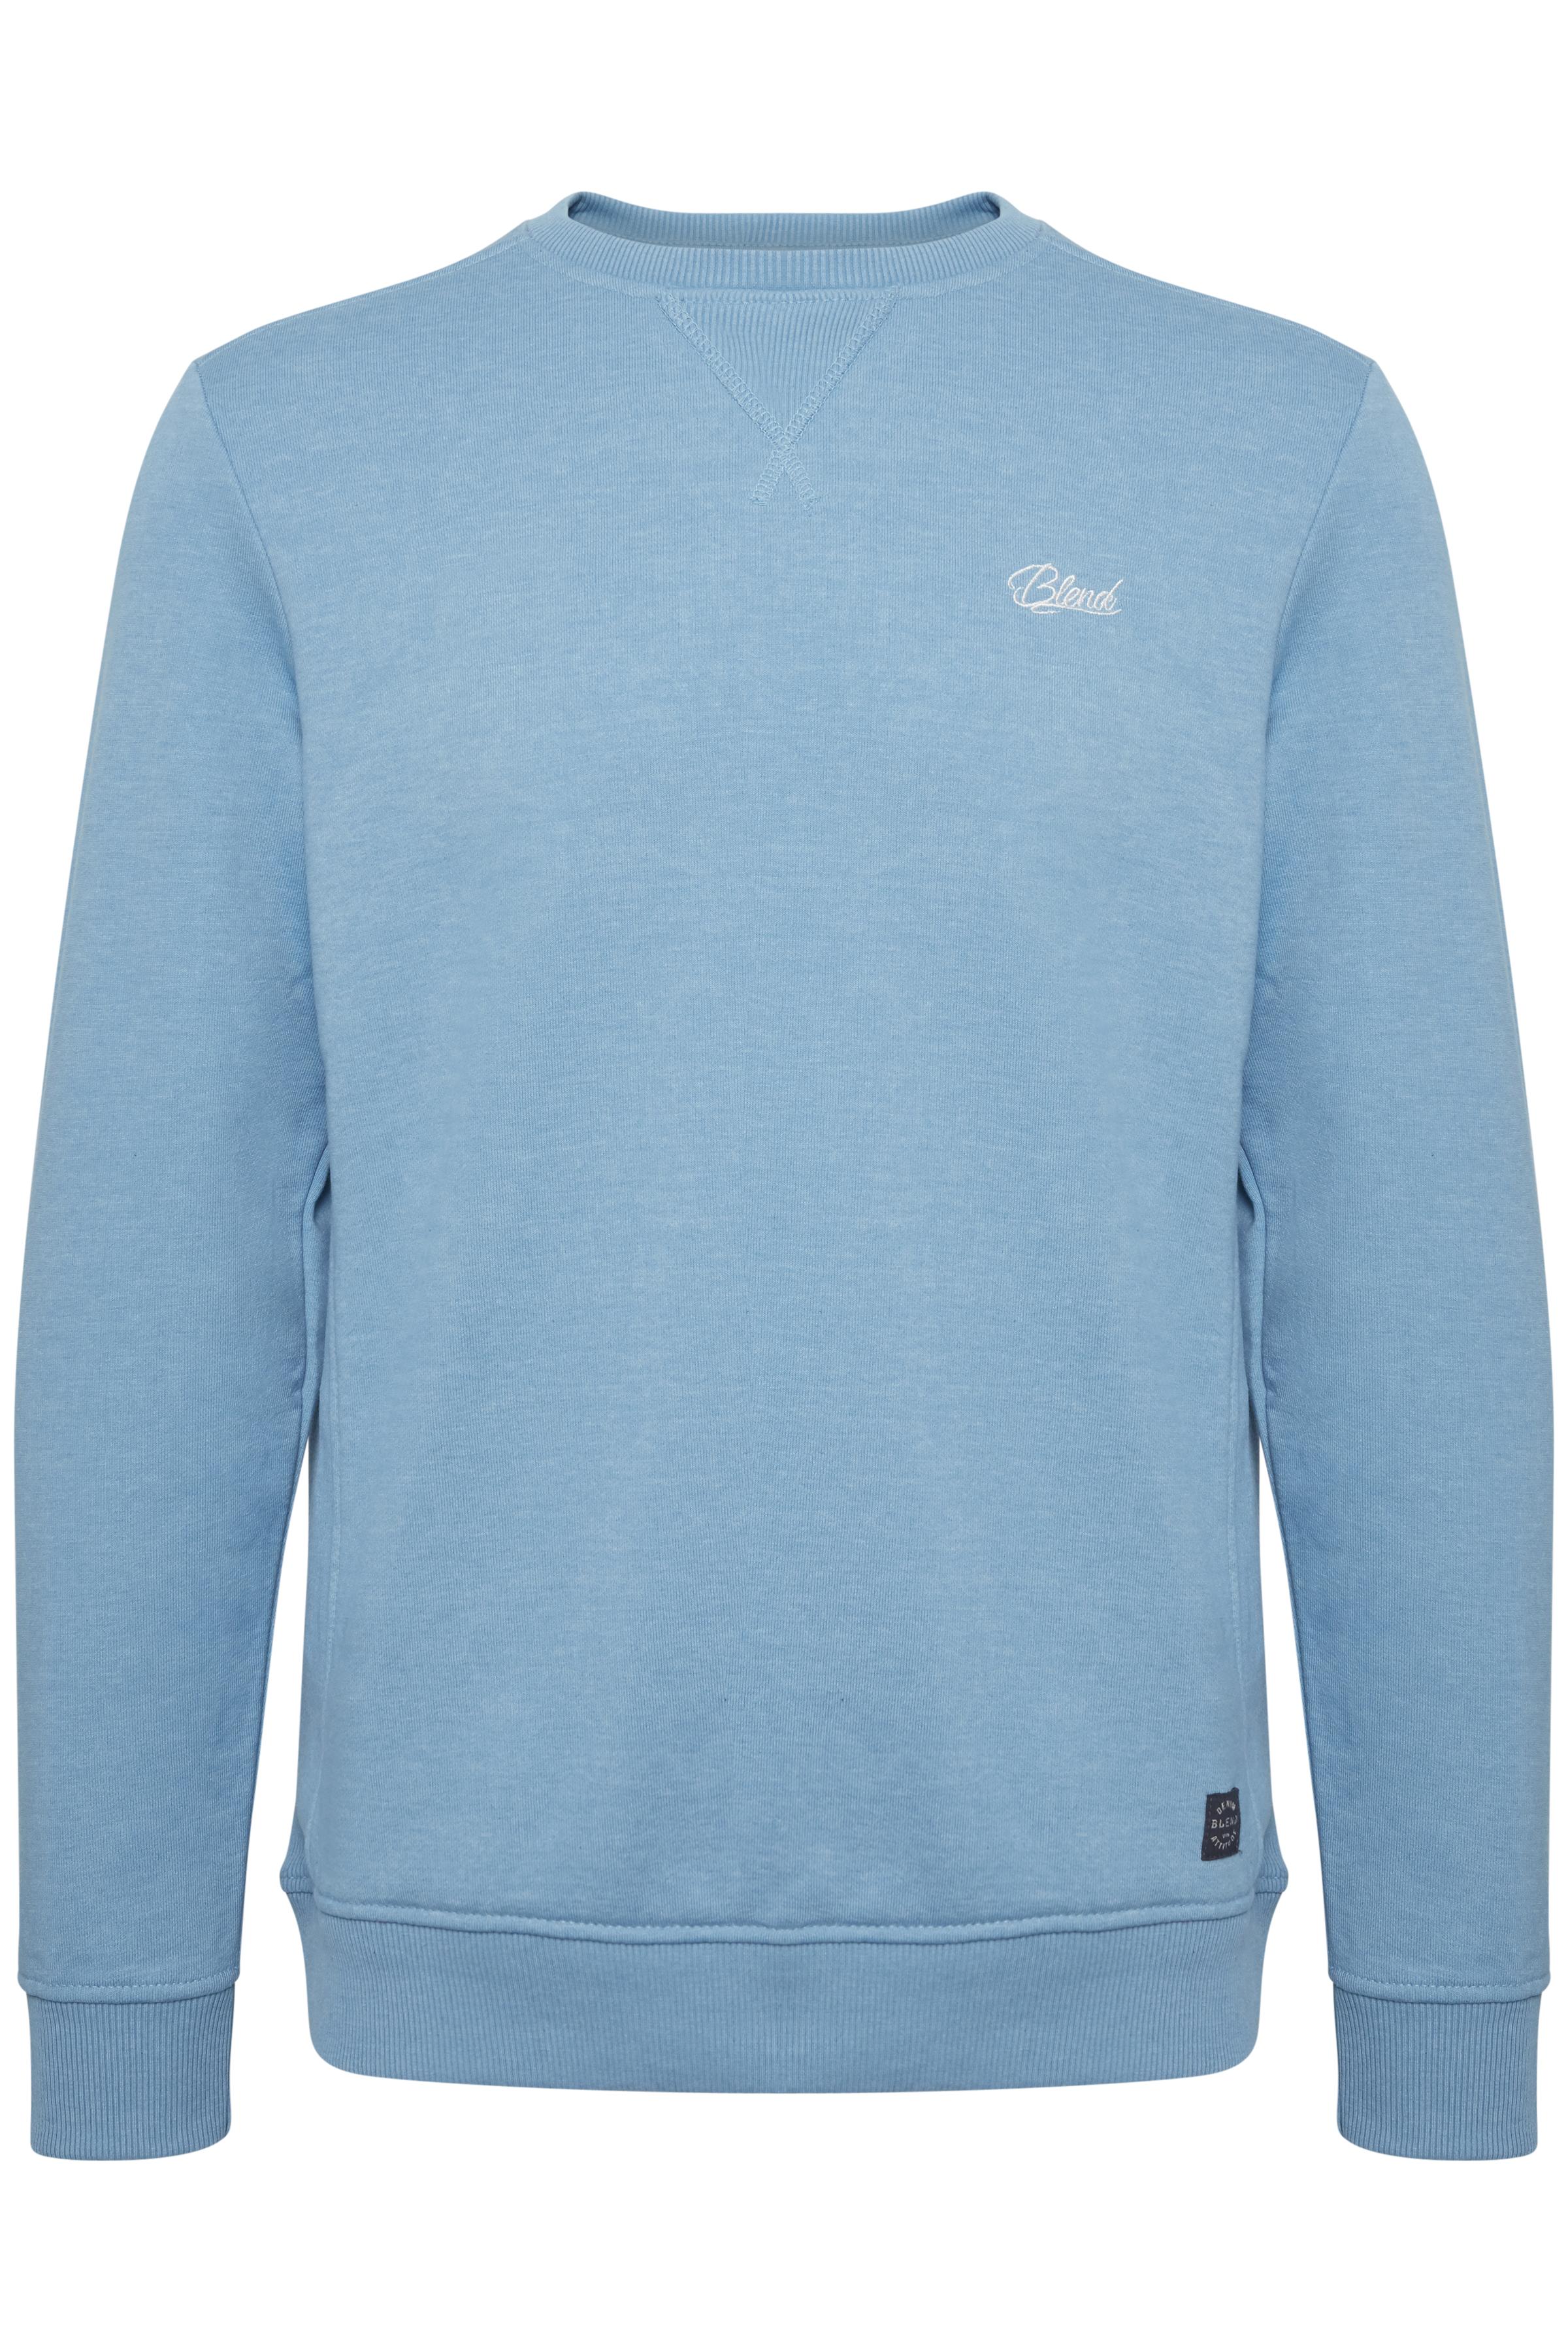 Blend He Herre BLEND sweatshirt med lange ærmer og rund hals. Denne sweatshirt - Niagara Blue